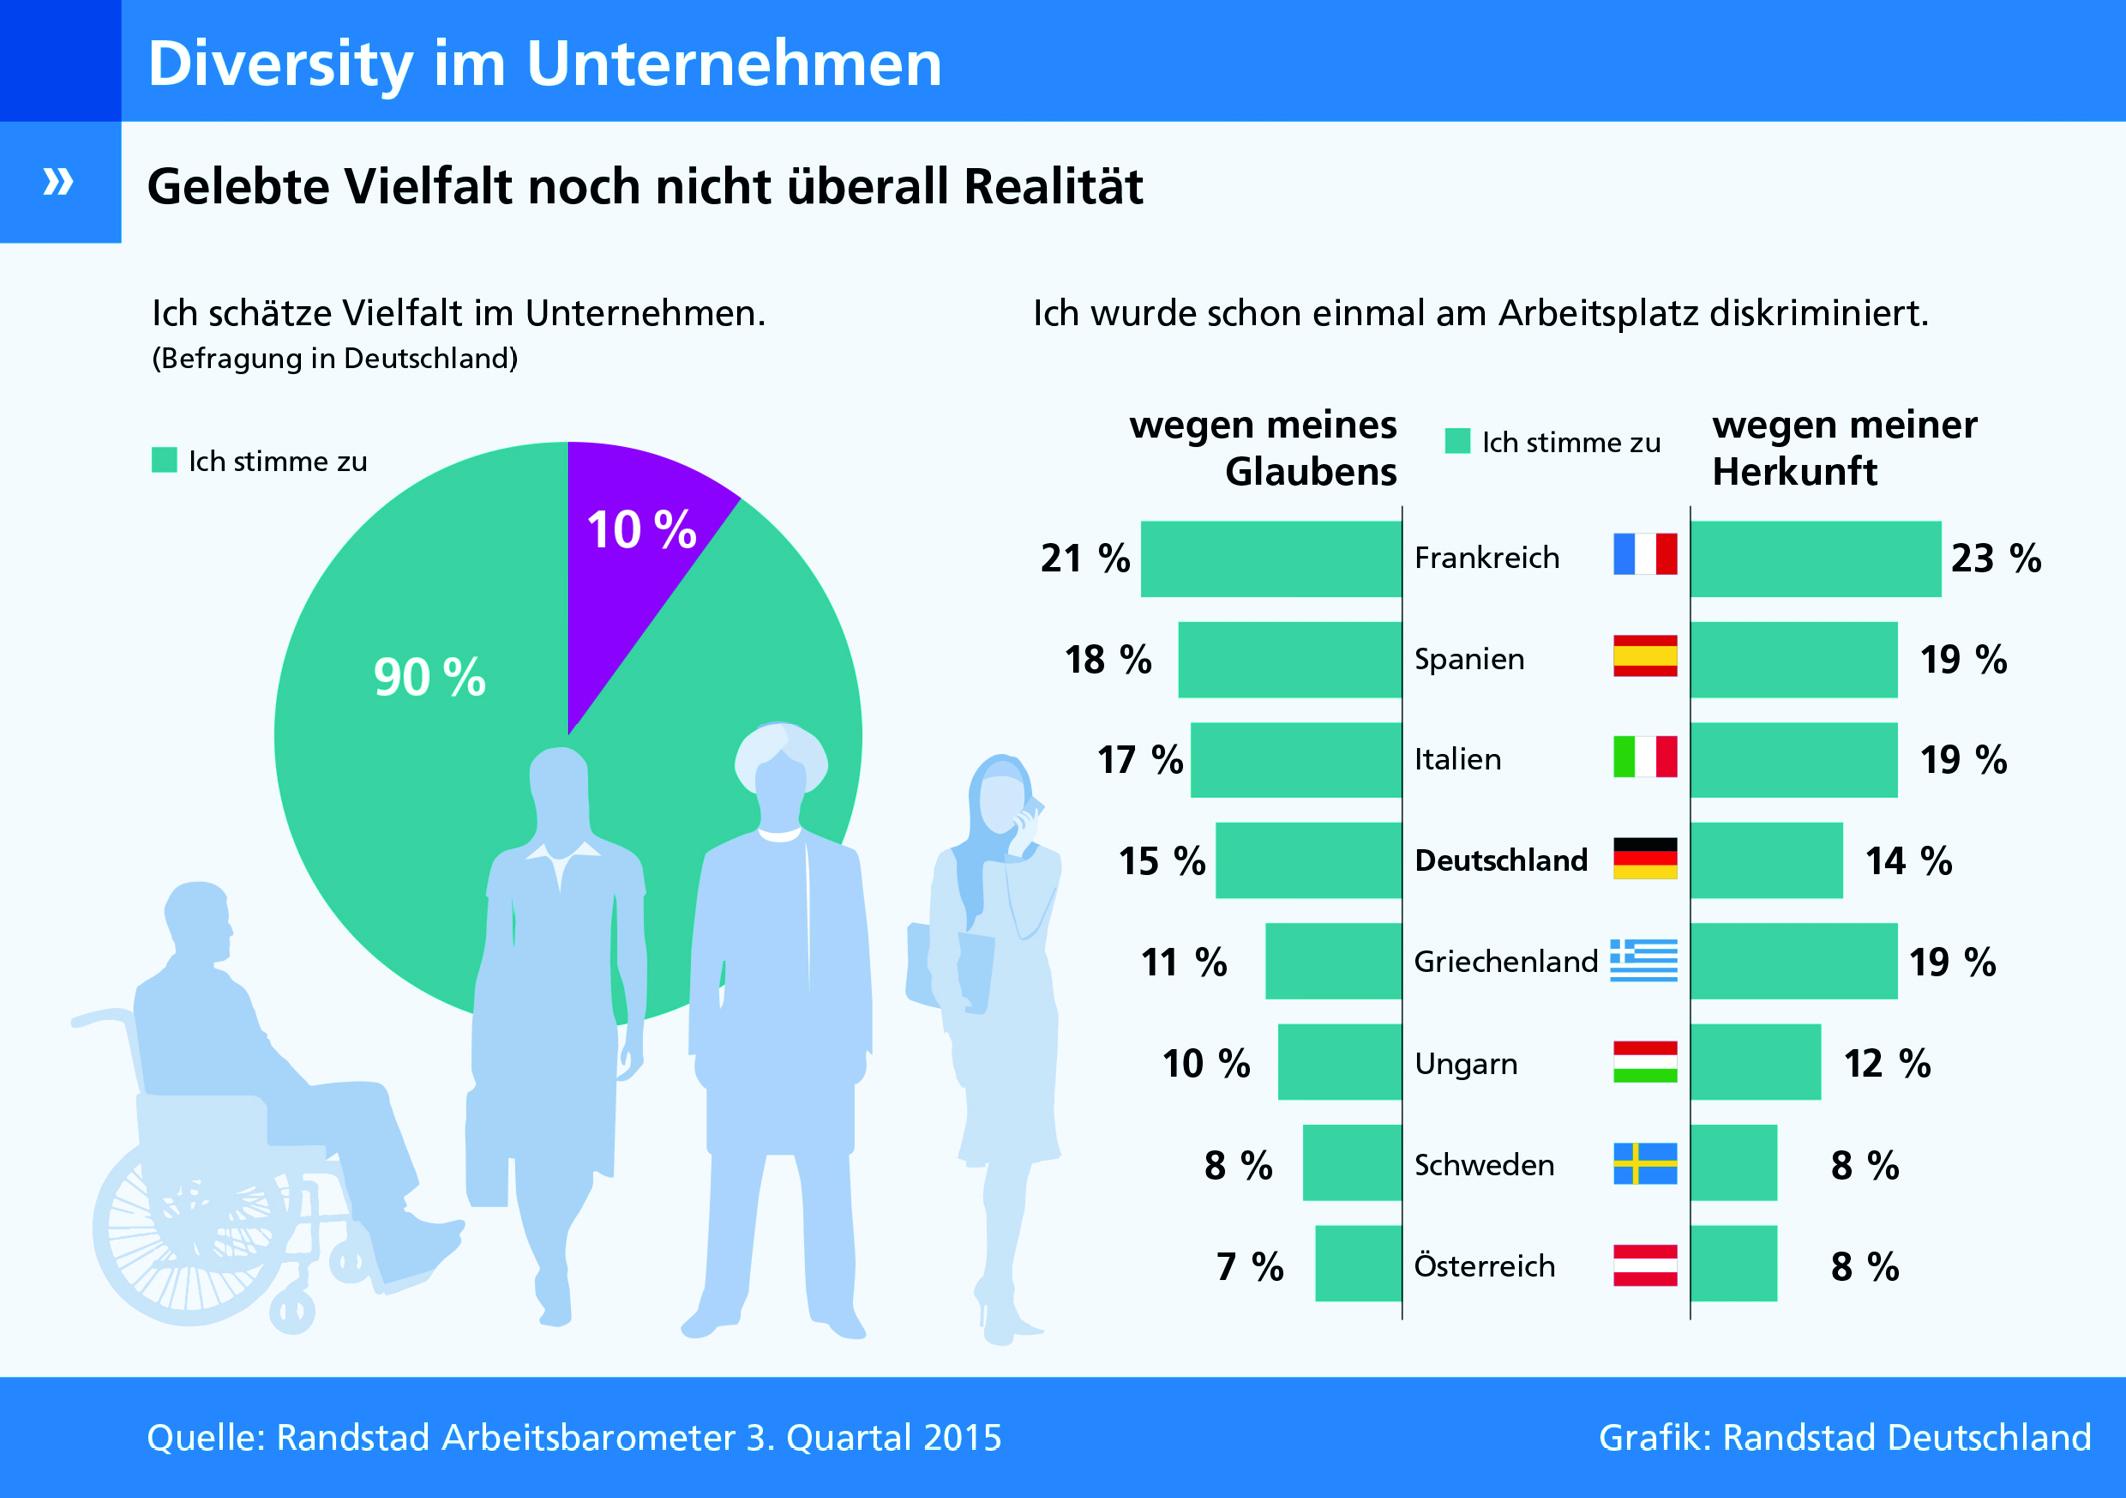 Diversity im Job – Grafik zur Vielfalt in Unternehmen